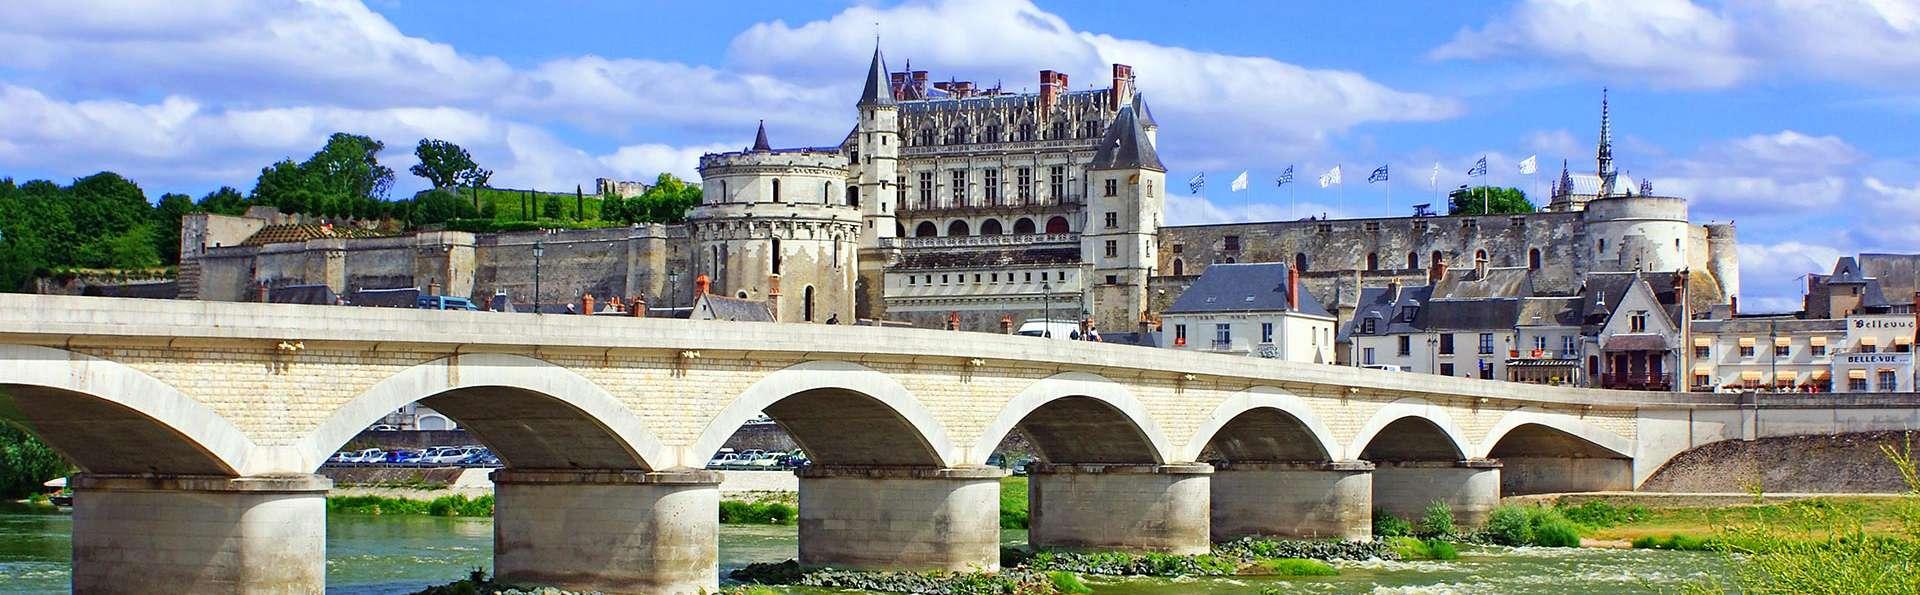 Château de Noizay - edit_pont-d_Amboise.jpg